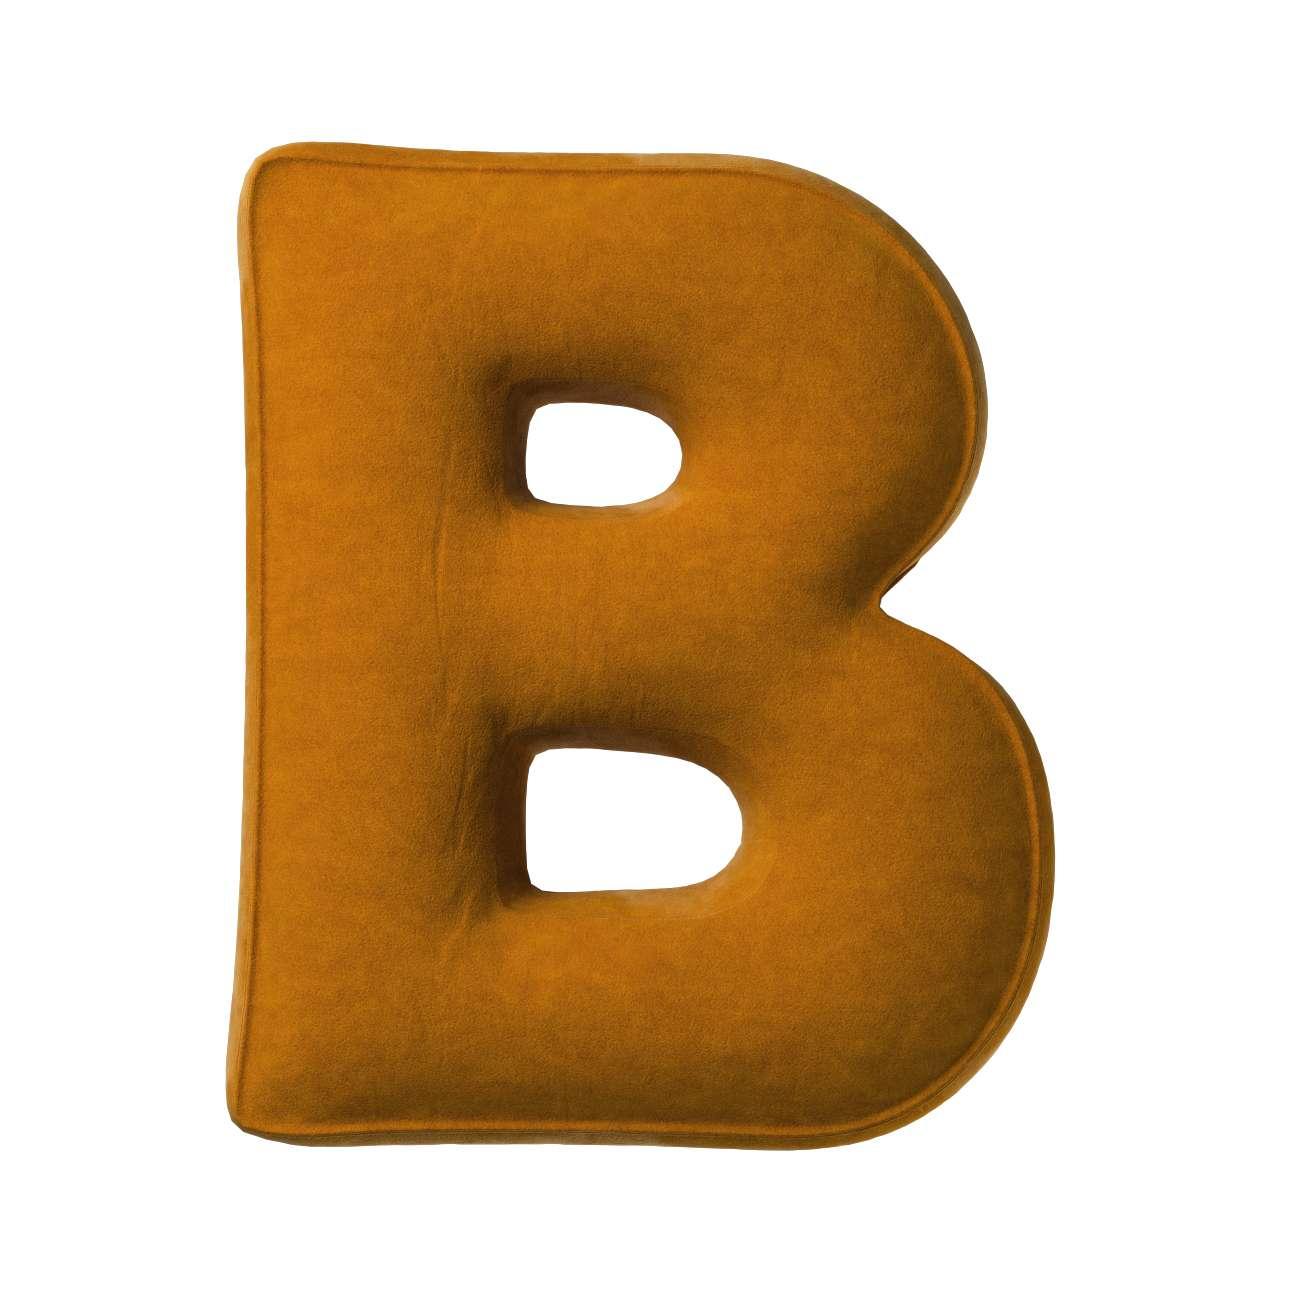 Buchstabenkissen B von der Kollektion Posh Velvet, Stoff: 704-23